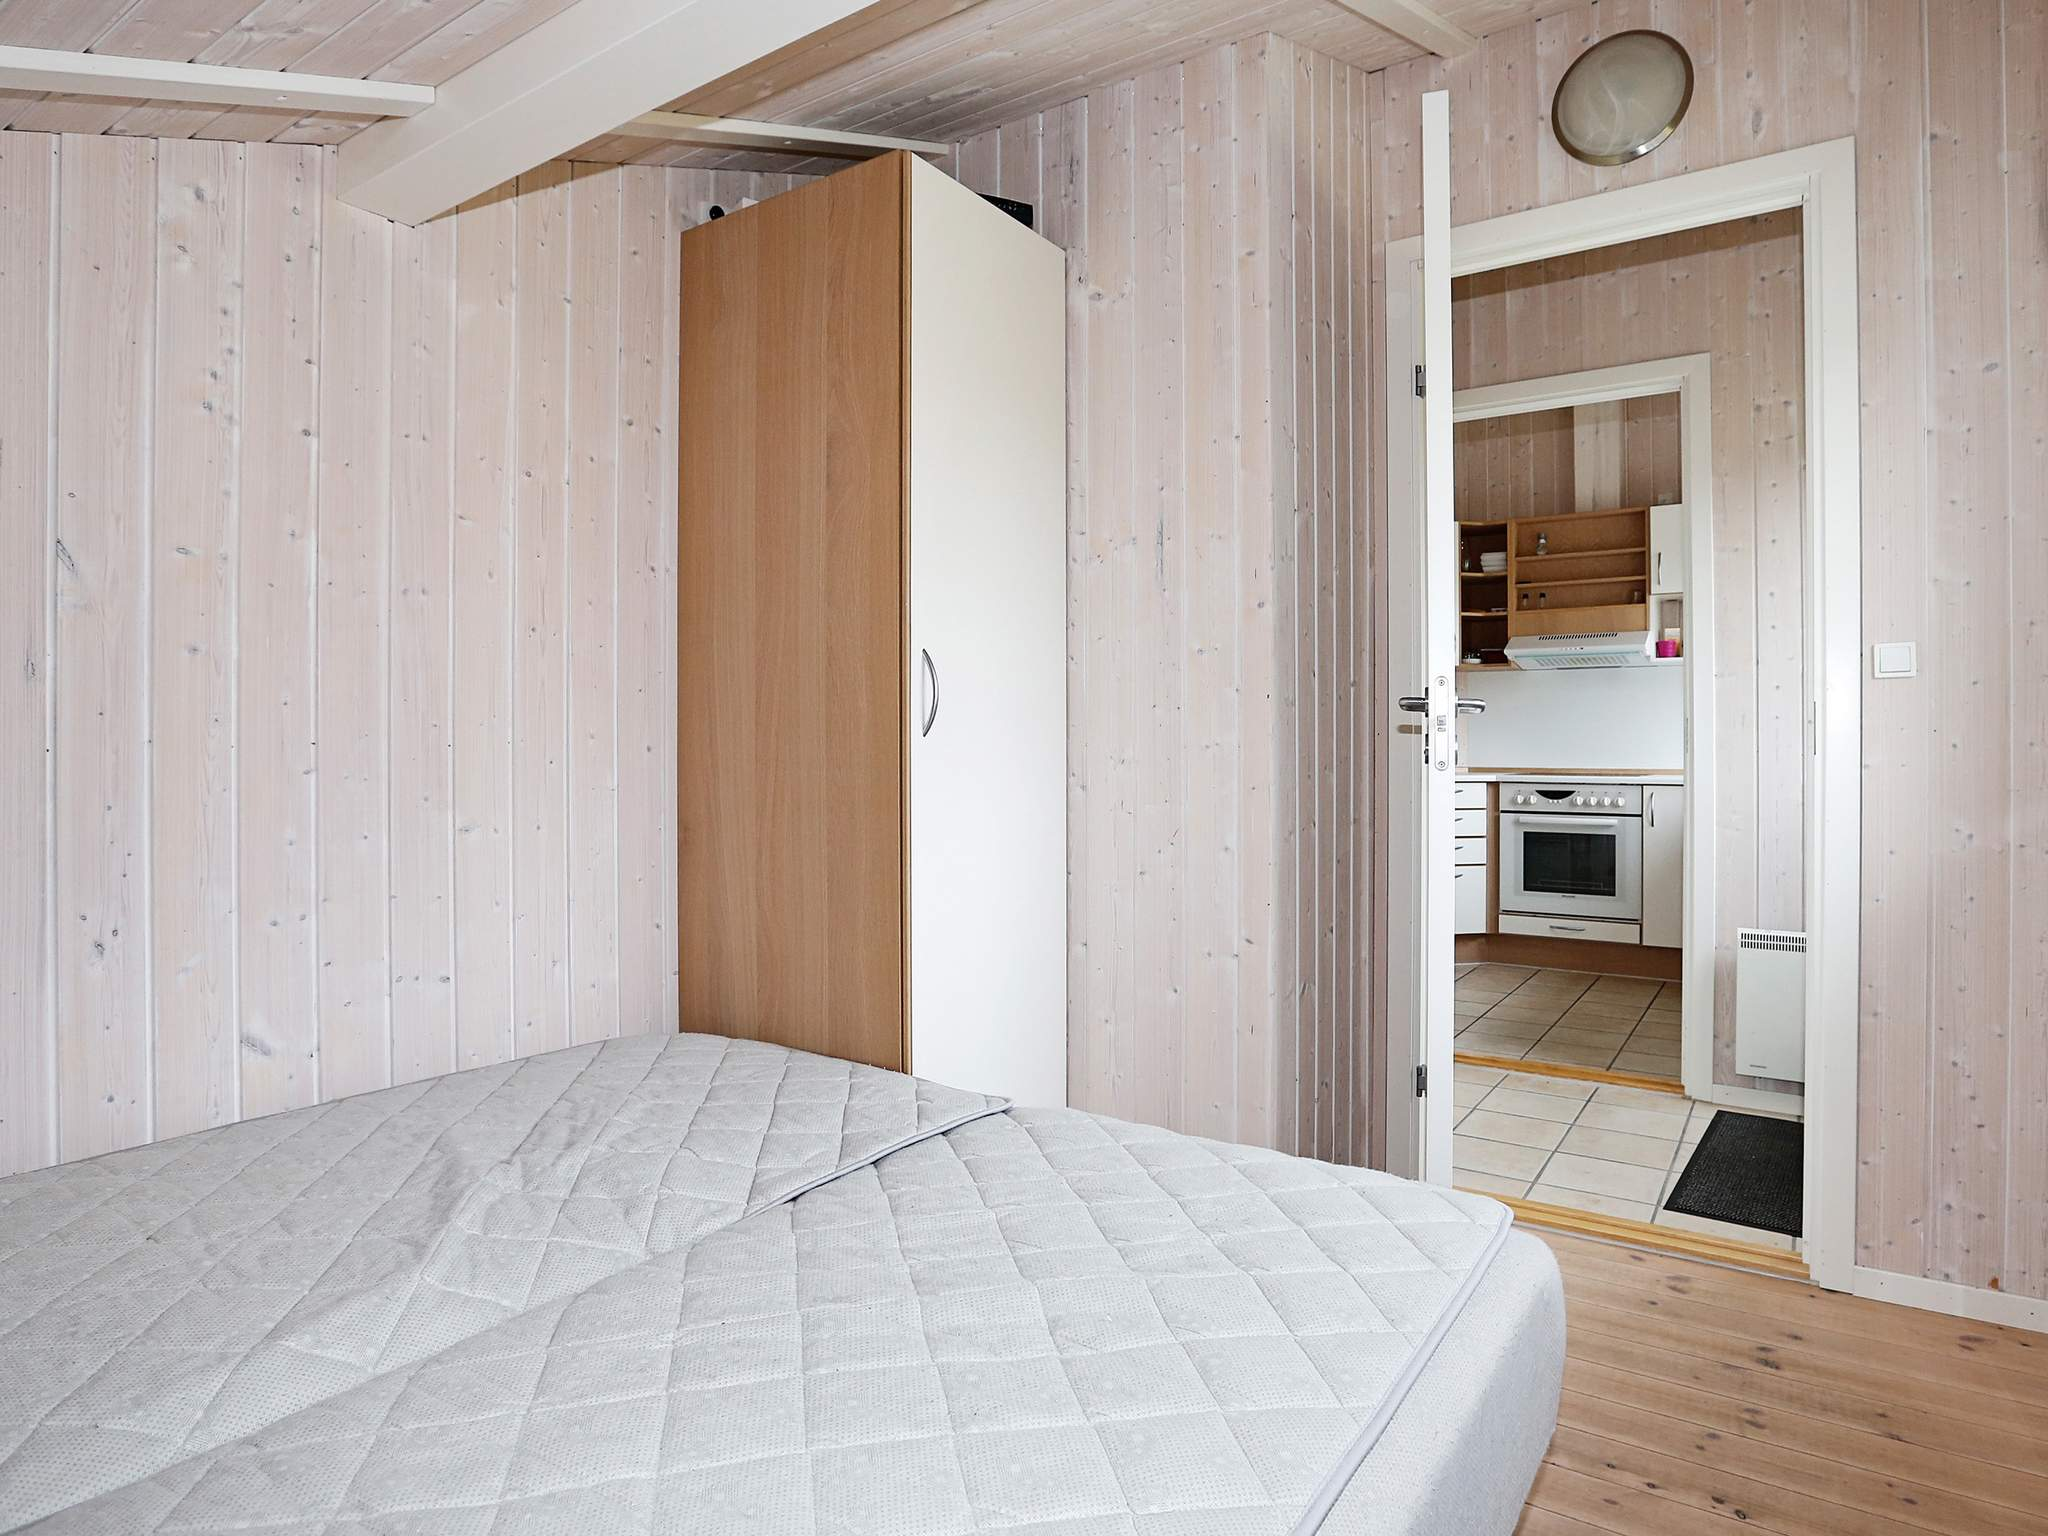 Ferienhaus Udsholt Strand (135446), Gilleleje, , Nordseeland, Dänemark, Bild 11